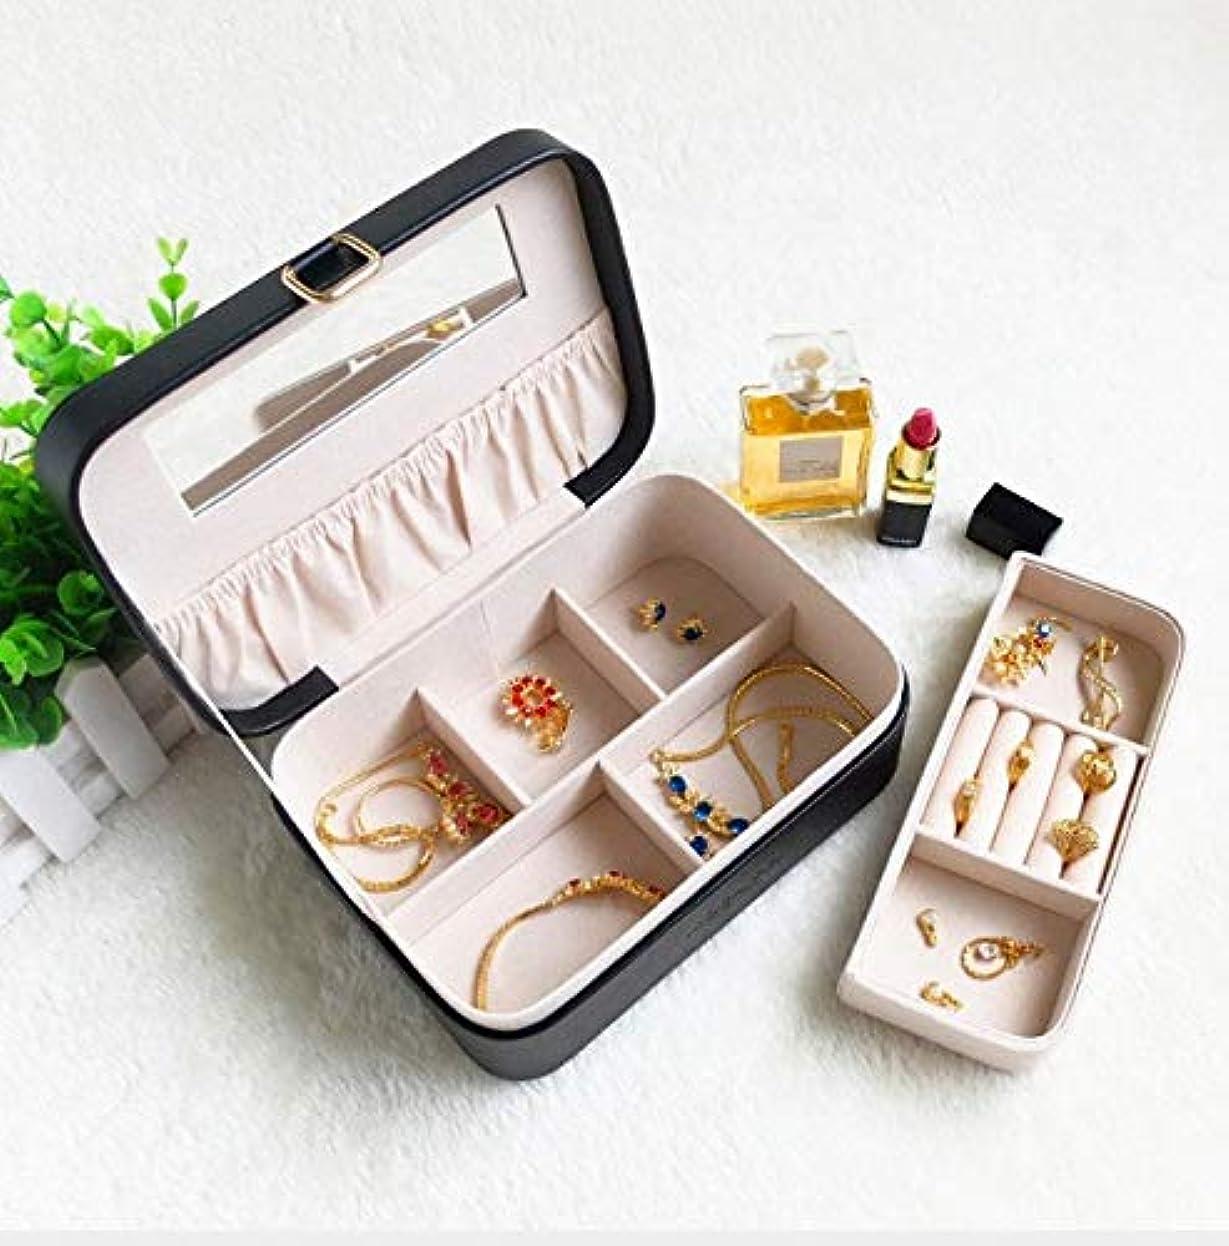 ベット靄均等に化粧箱、レトロ化粧品防水ミラー化粧ケース、ポータブルトラベル化粧品バッグ収納袋、美容ジュエリー収納ボックス (Color : ブラック)